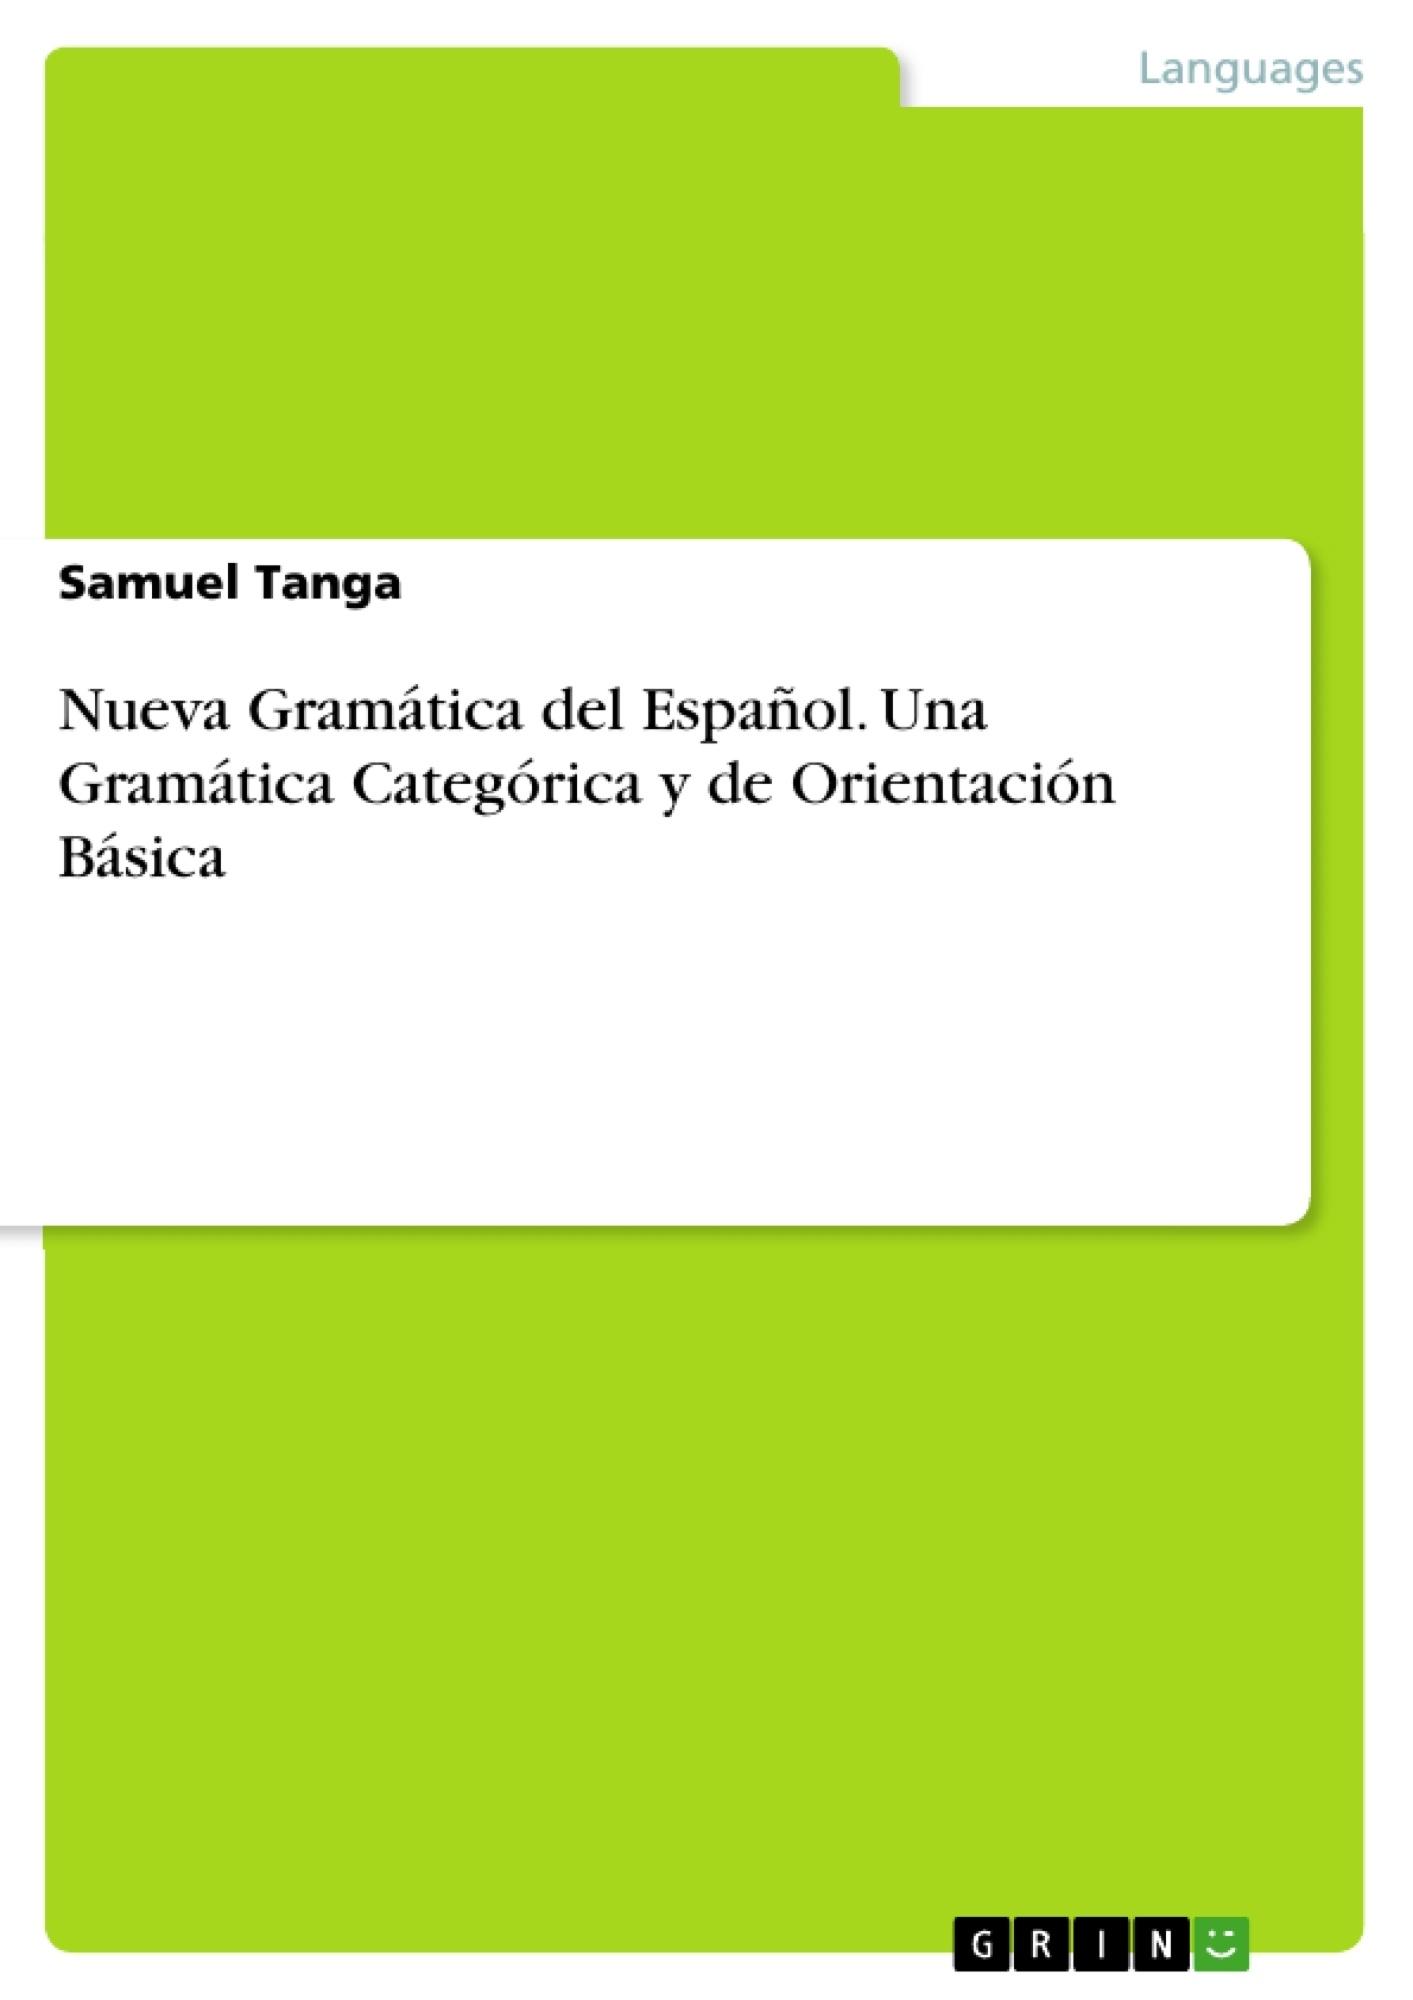 Título: Nueva Gramática del Español. Una Gramática Categórica y de Orientación Básica